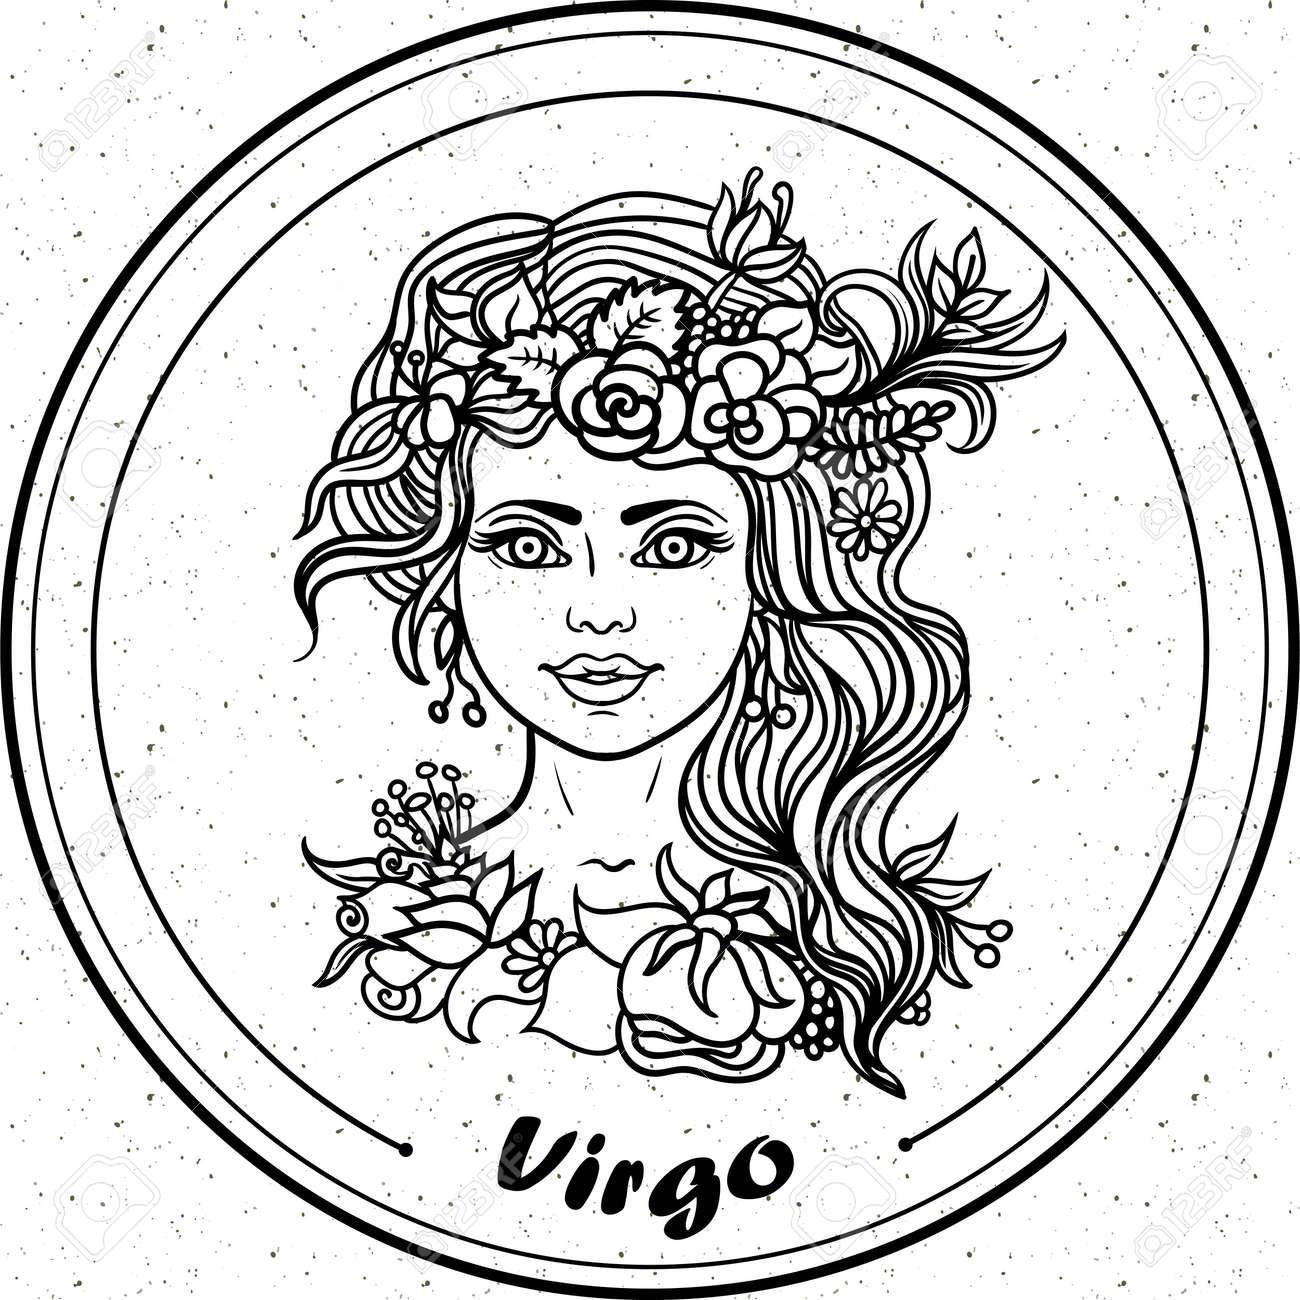 Detaillierte Jungfrau In Aztekischen Kunst Stil Filigrane Linie